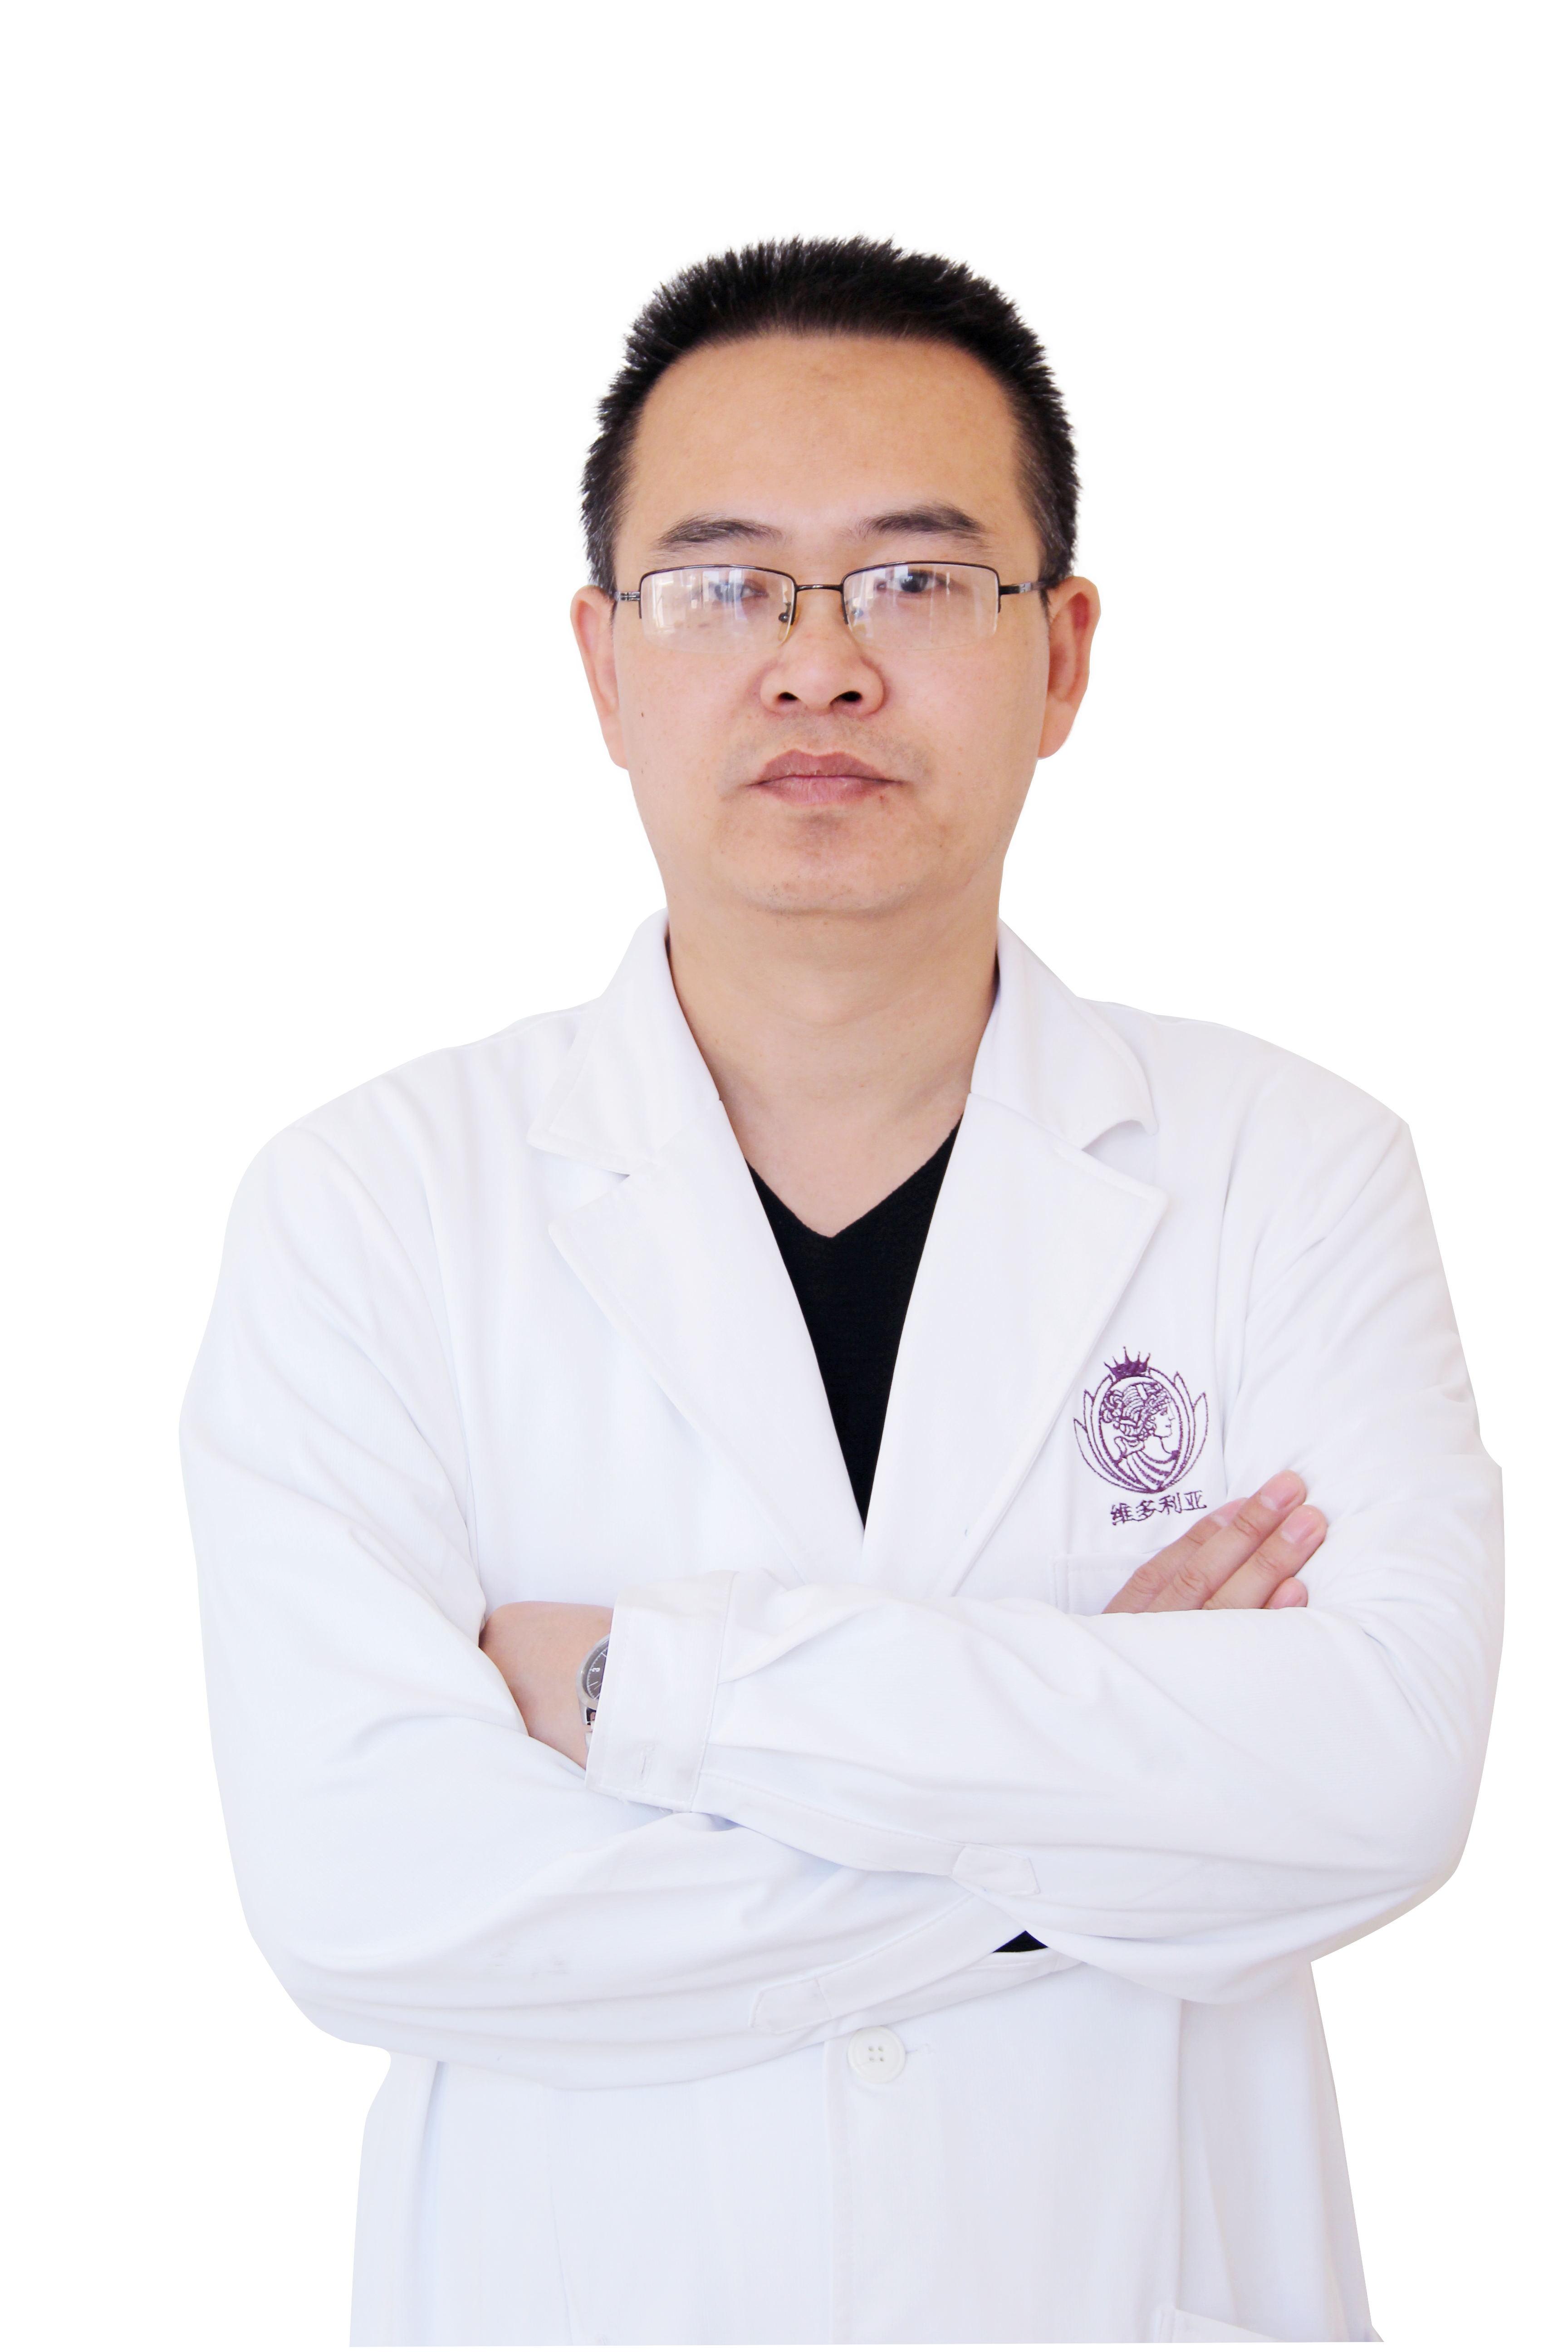 银川维多利亚医疗美容医院整形医生 张志国